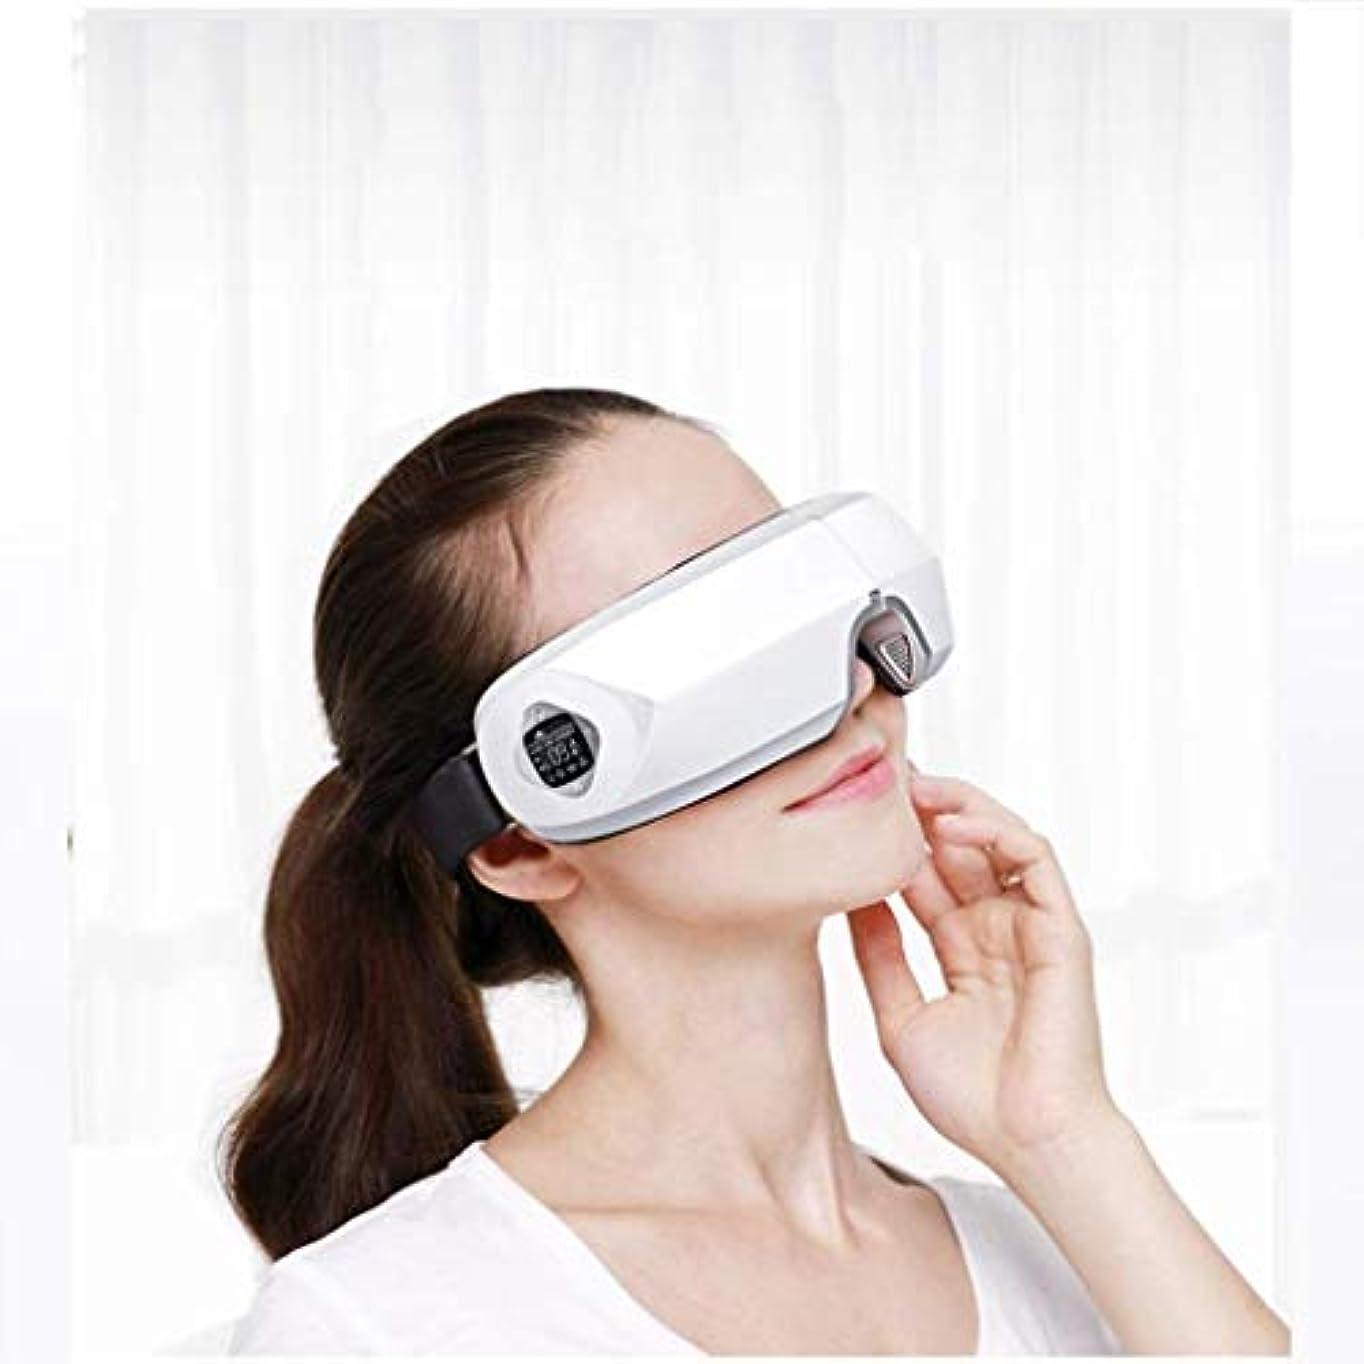 協力踏み台塩辛いアイマッサージャー、折り畳み式ポータブルマイナスイオンアイマッサージアイプロテクター、視力を保護し、疲労を軽減する熱アイマスク